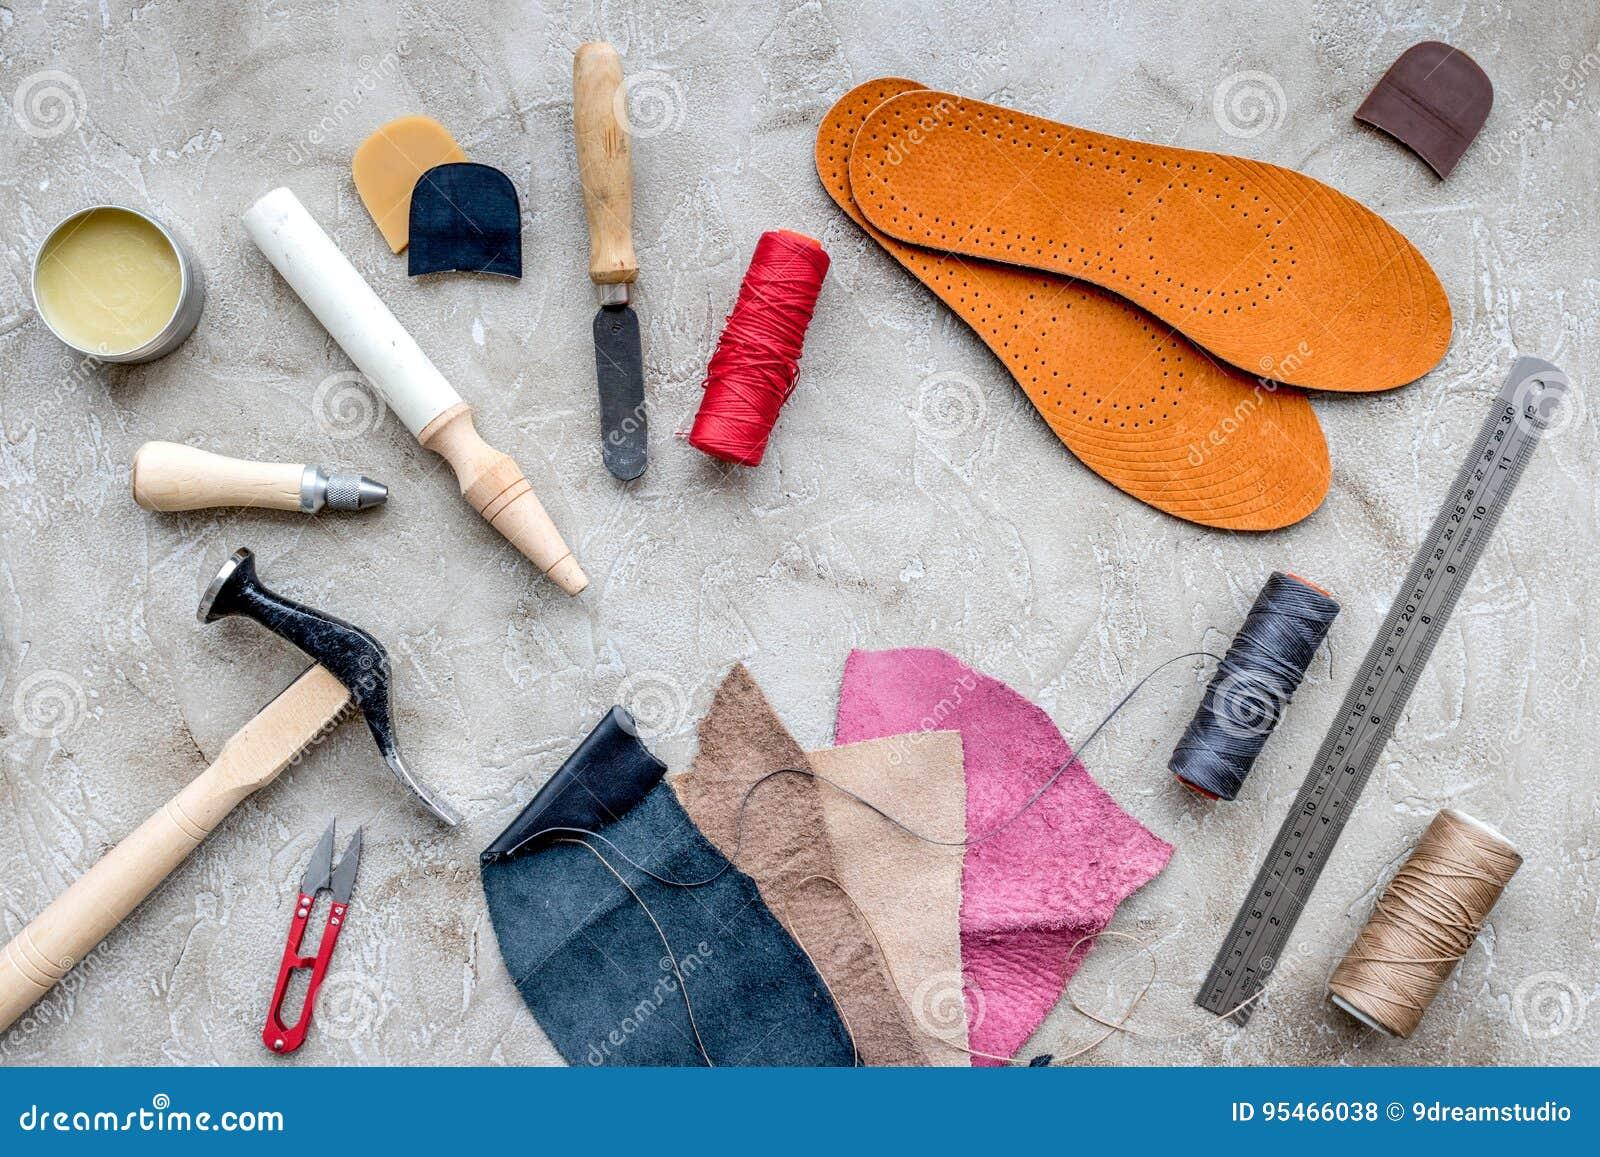 Hjälpmedel För Att Reparera Skor På Grå Färger Stenar Bästa